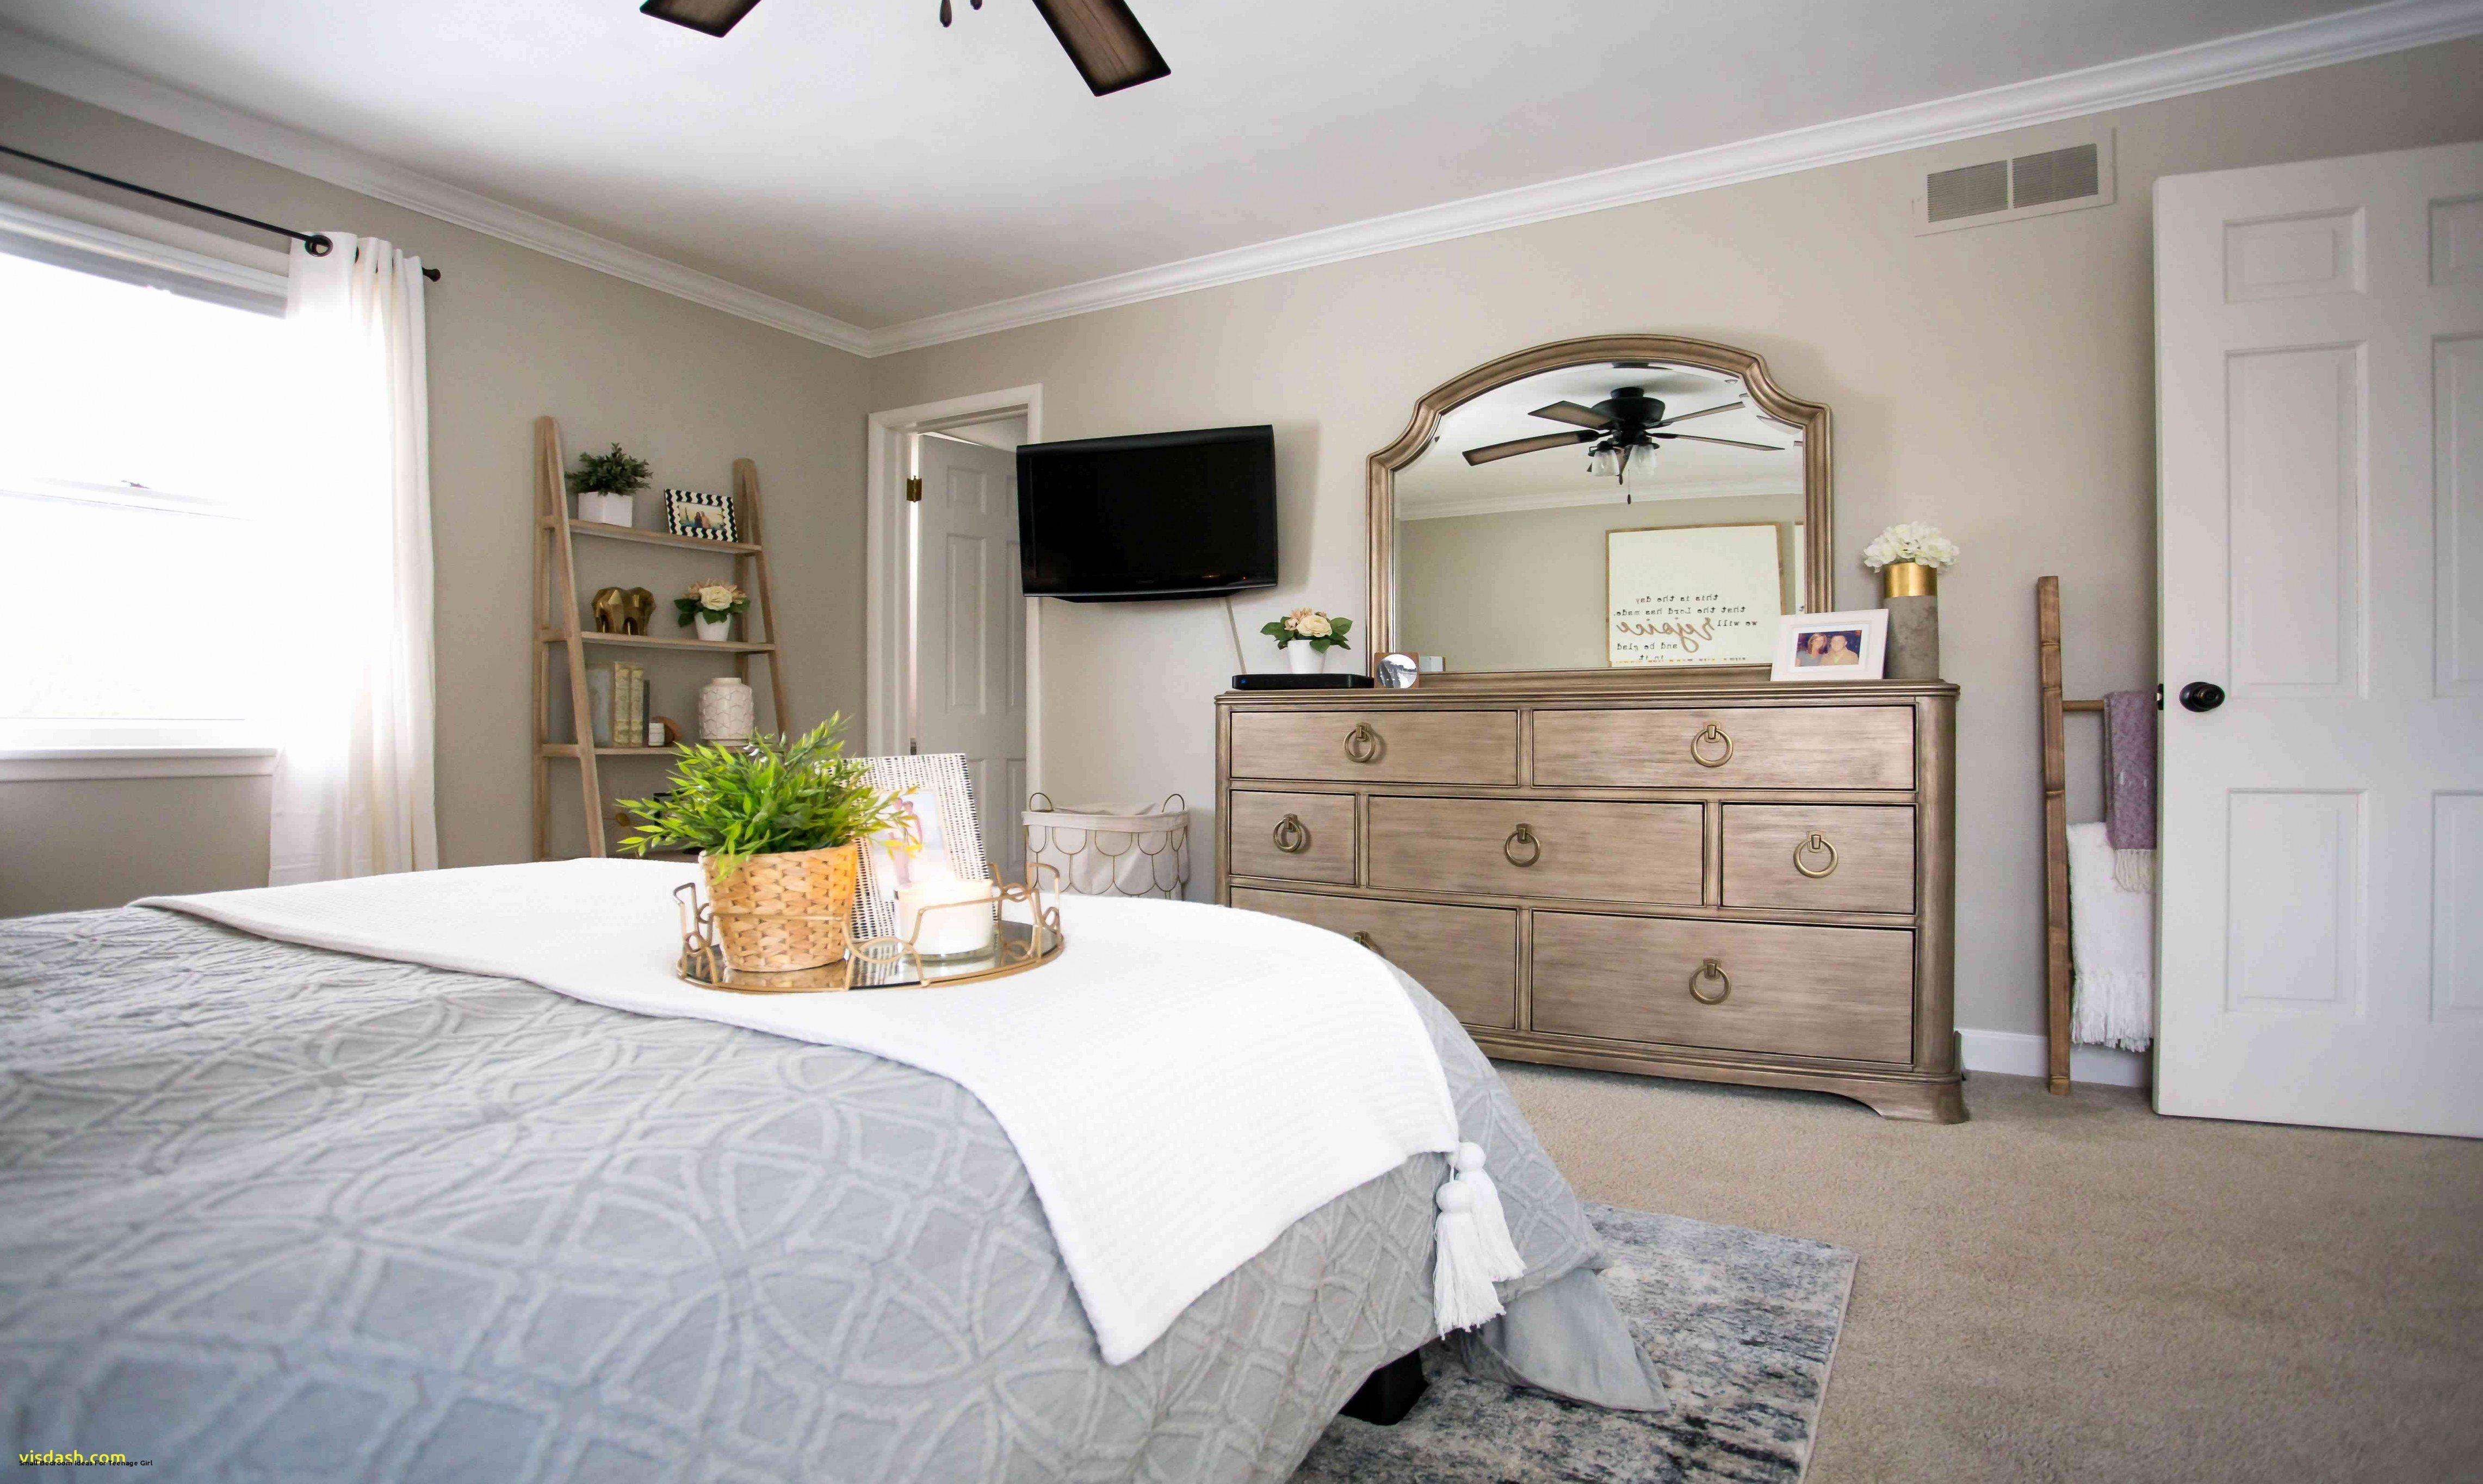 Teen Bedroom Decoration Ideas Unique Teen Girls Bedroom Ideas 49 Inspirational Bedroom Ideas for